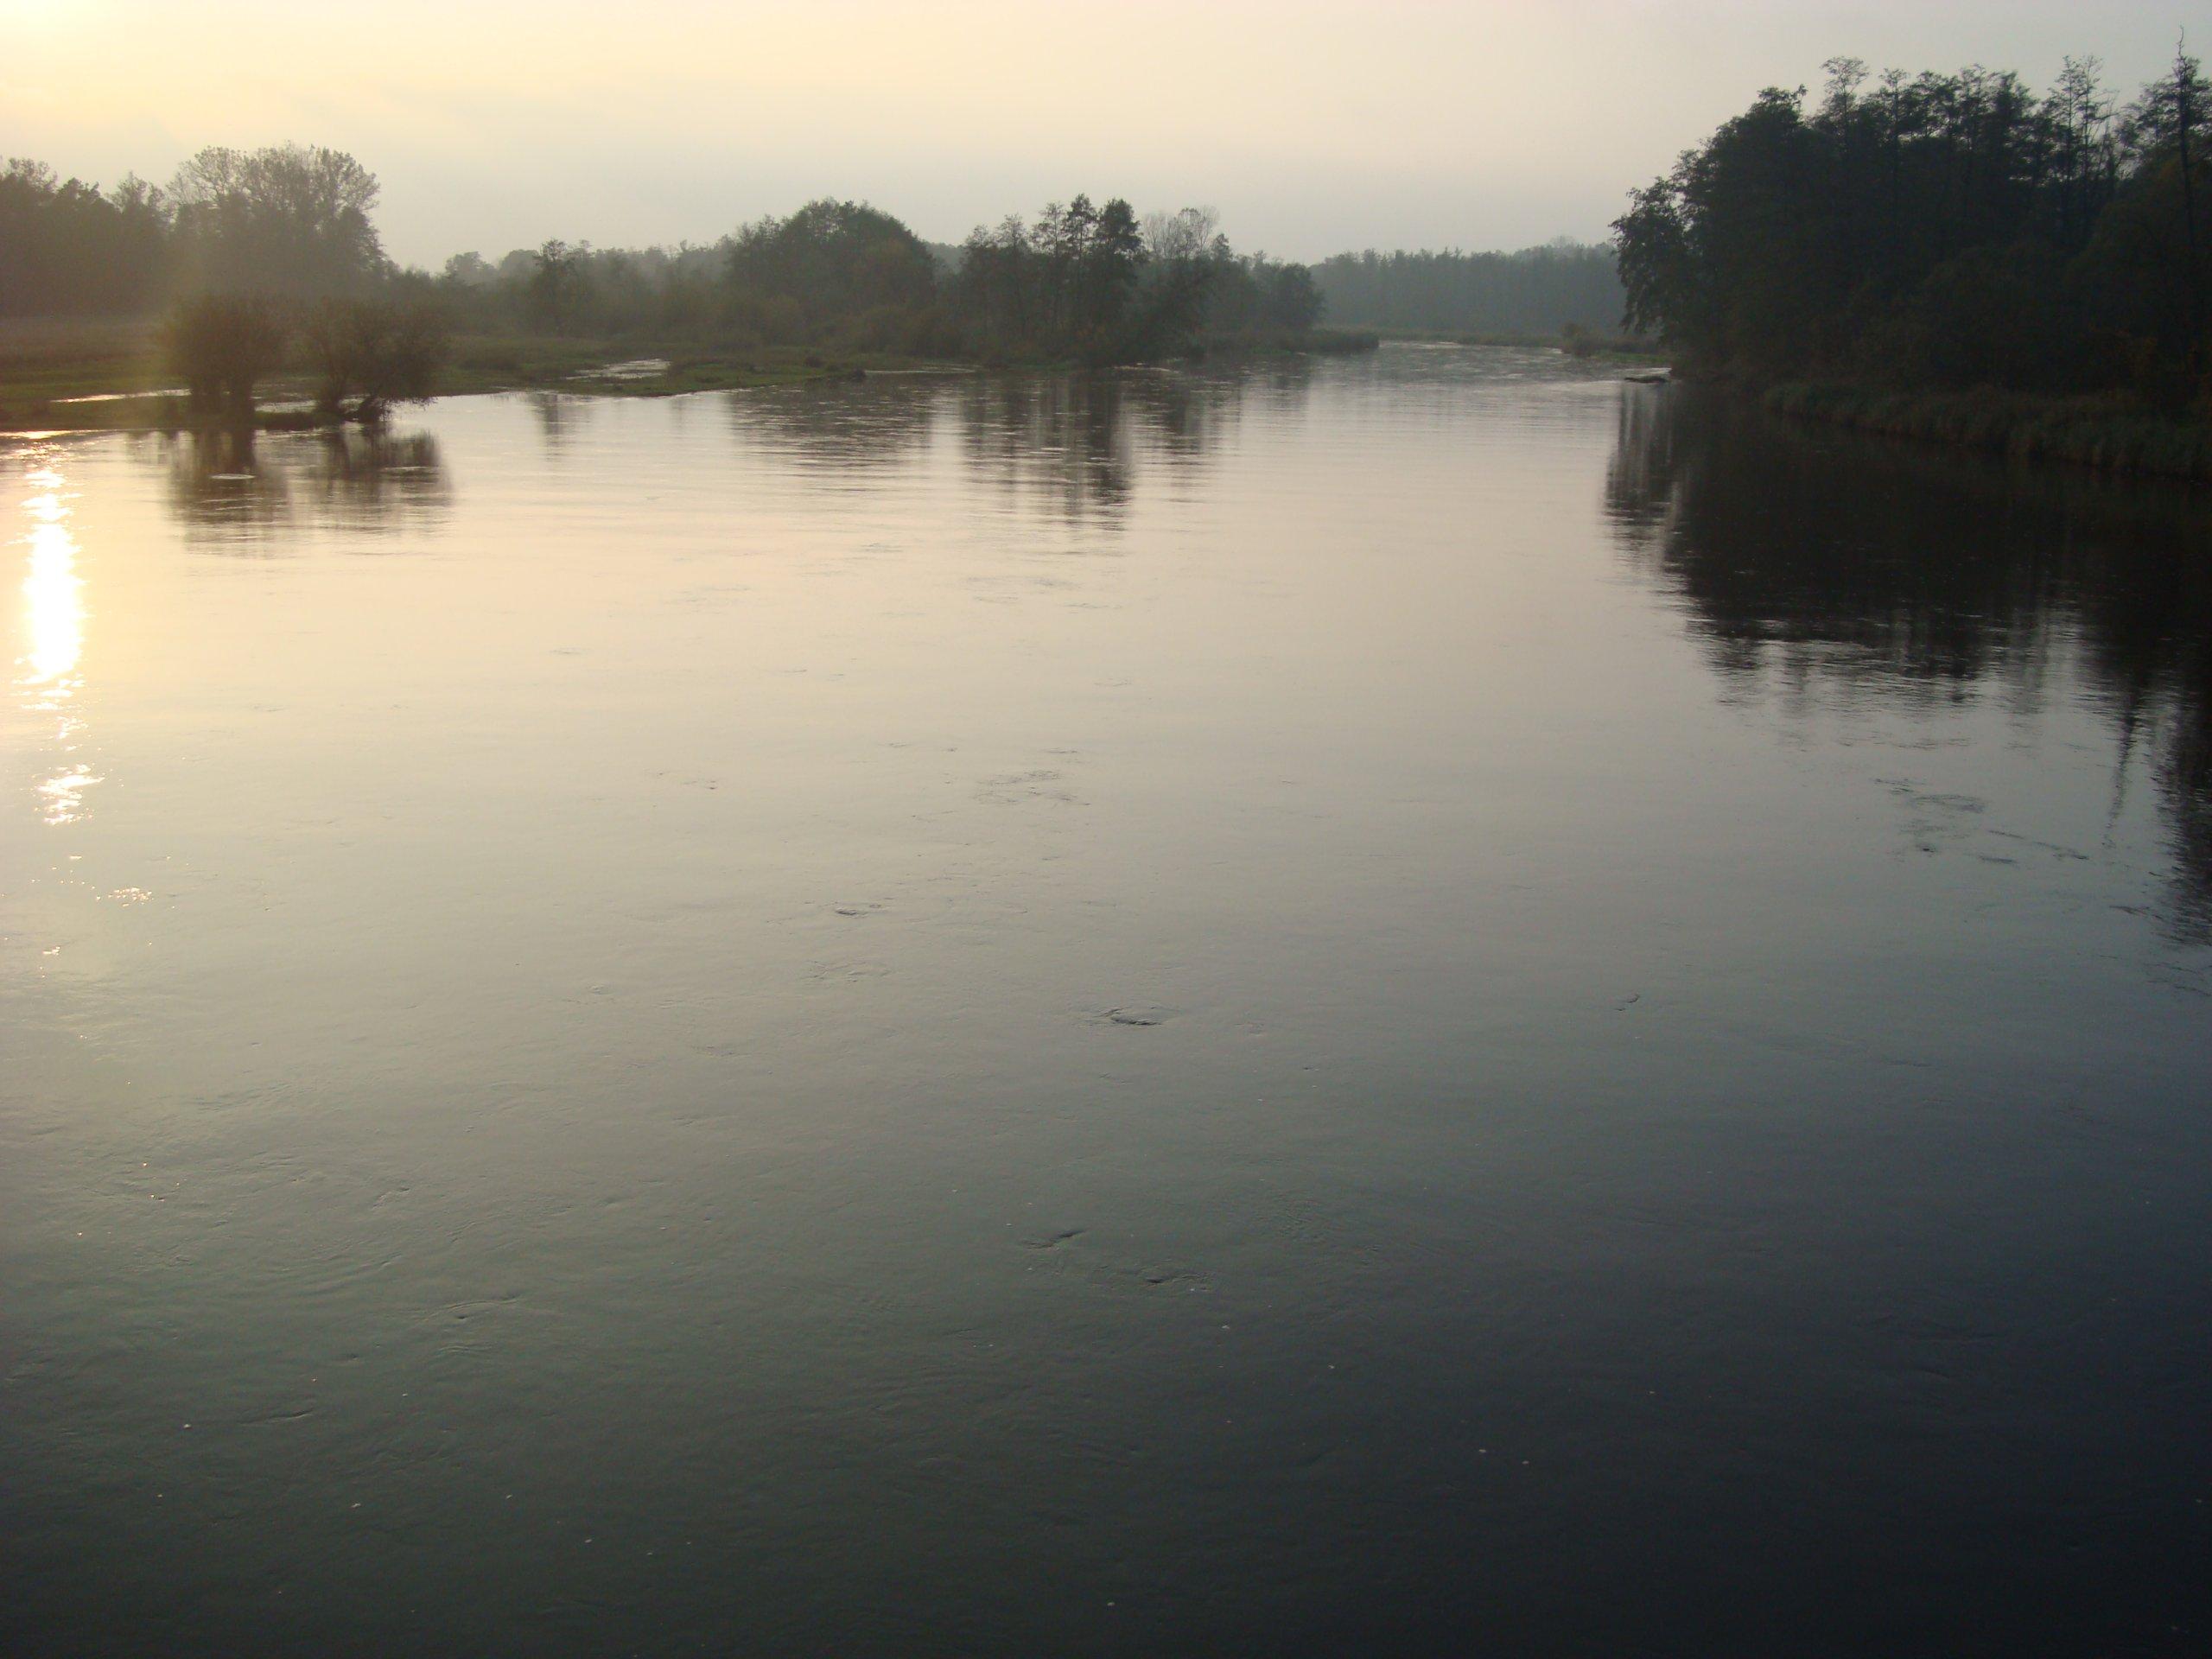 działka nad rzeką Pilicą Białobrzegi 70km